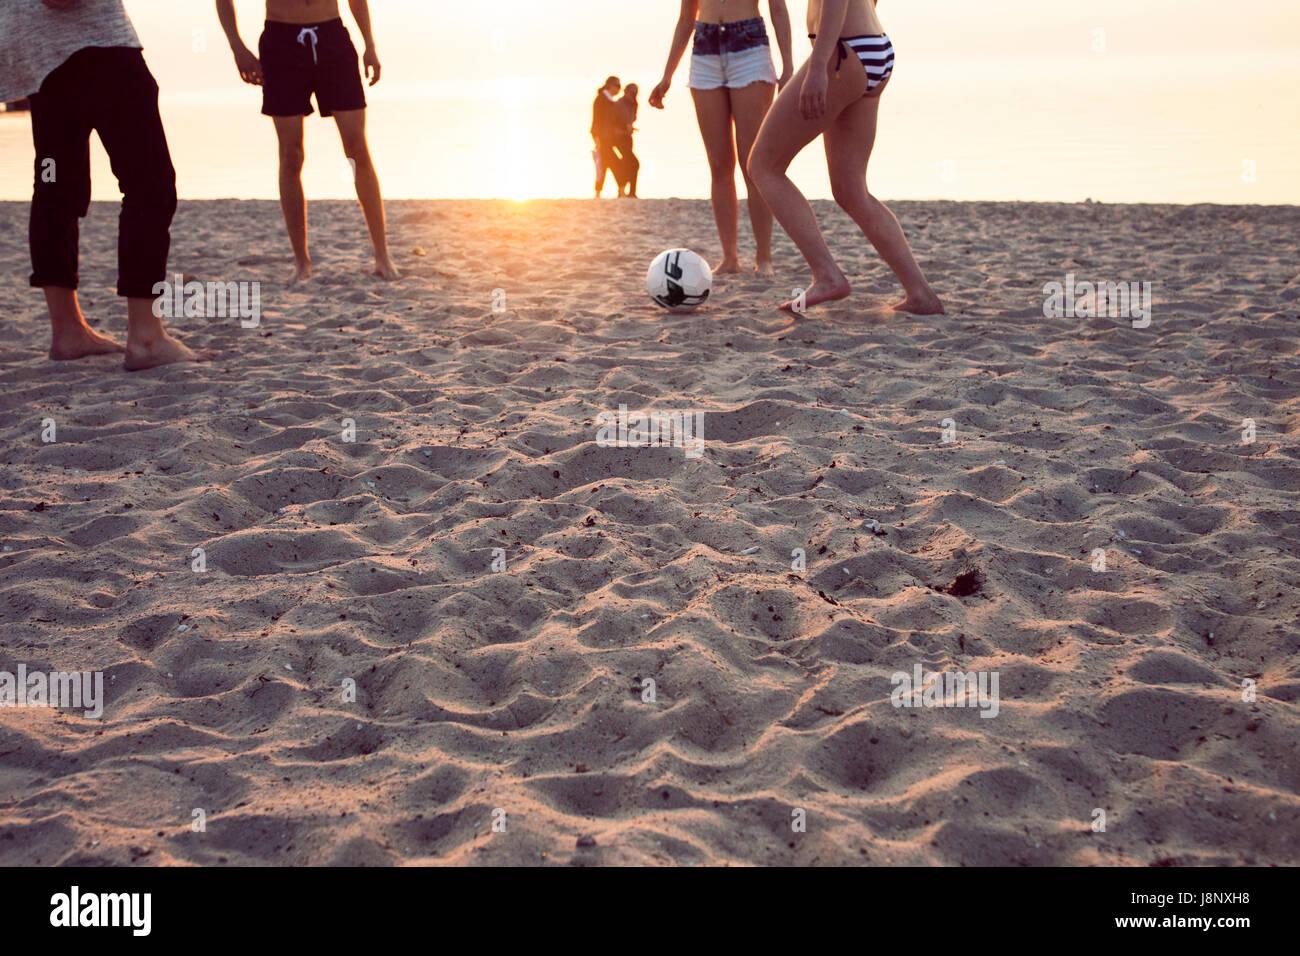 Les jeunes hommes, les jeunes femmes et teenage girl (16-17) jouant au football sur le sable au coucher du soleil Banque D'Images